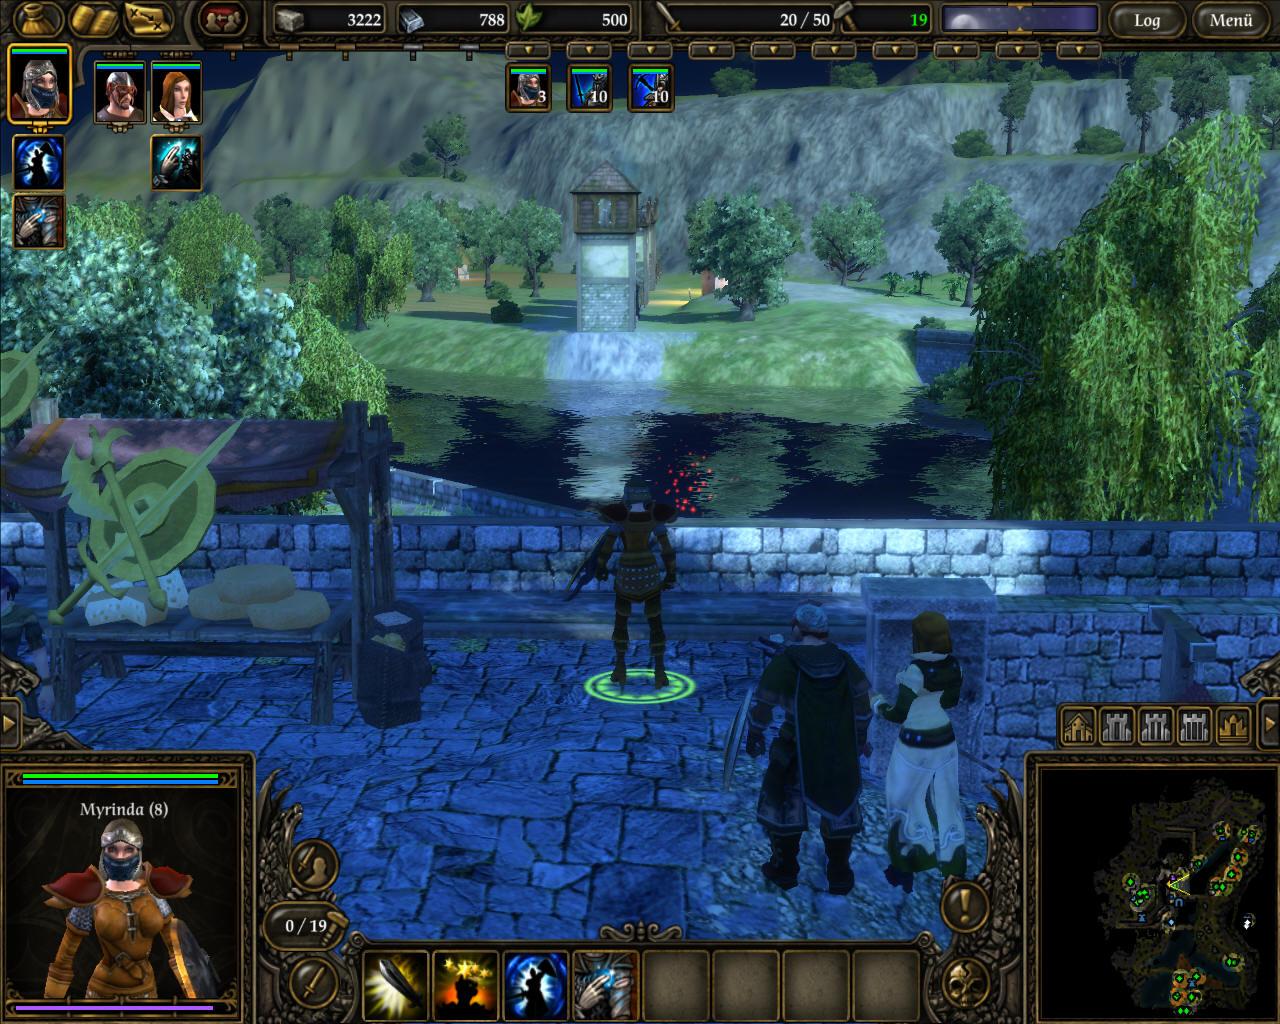 spellforce2_2006_04_11_17_33_53_78